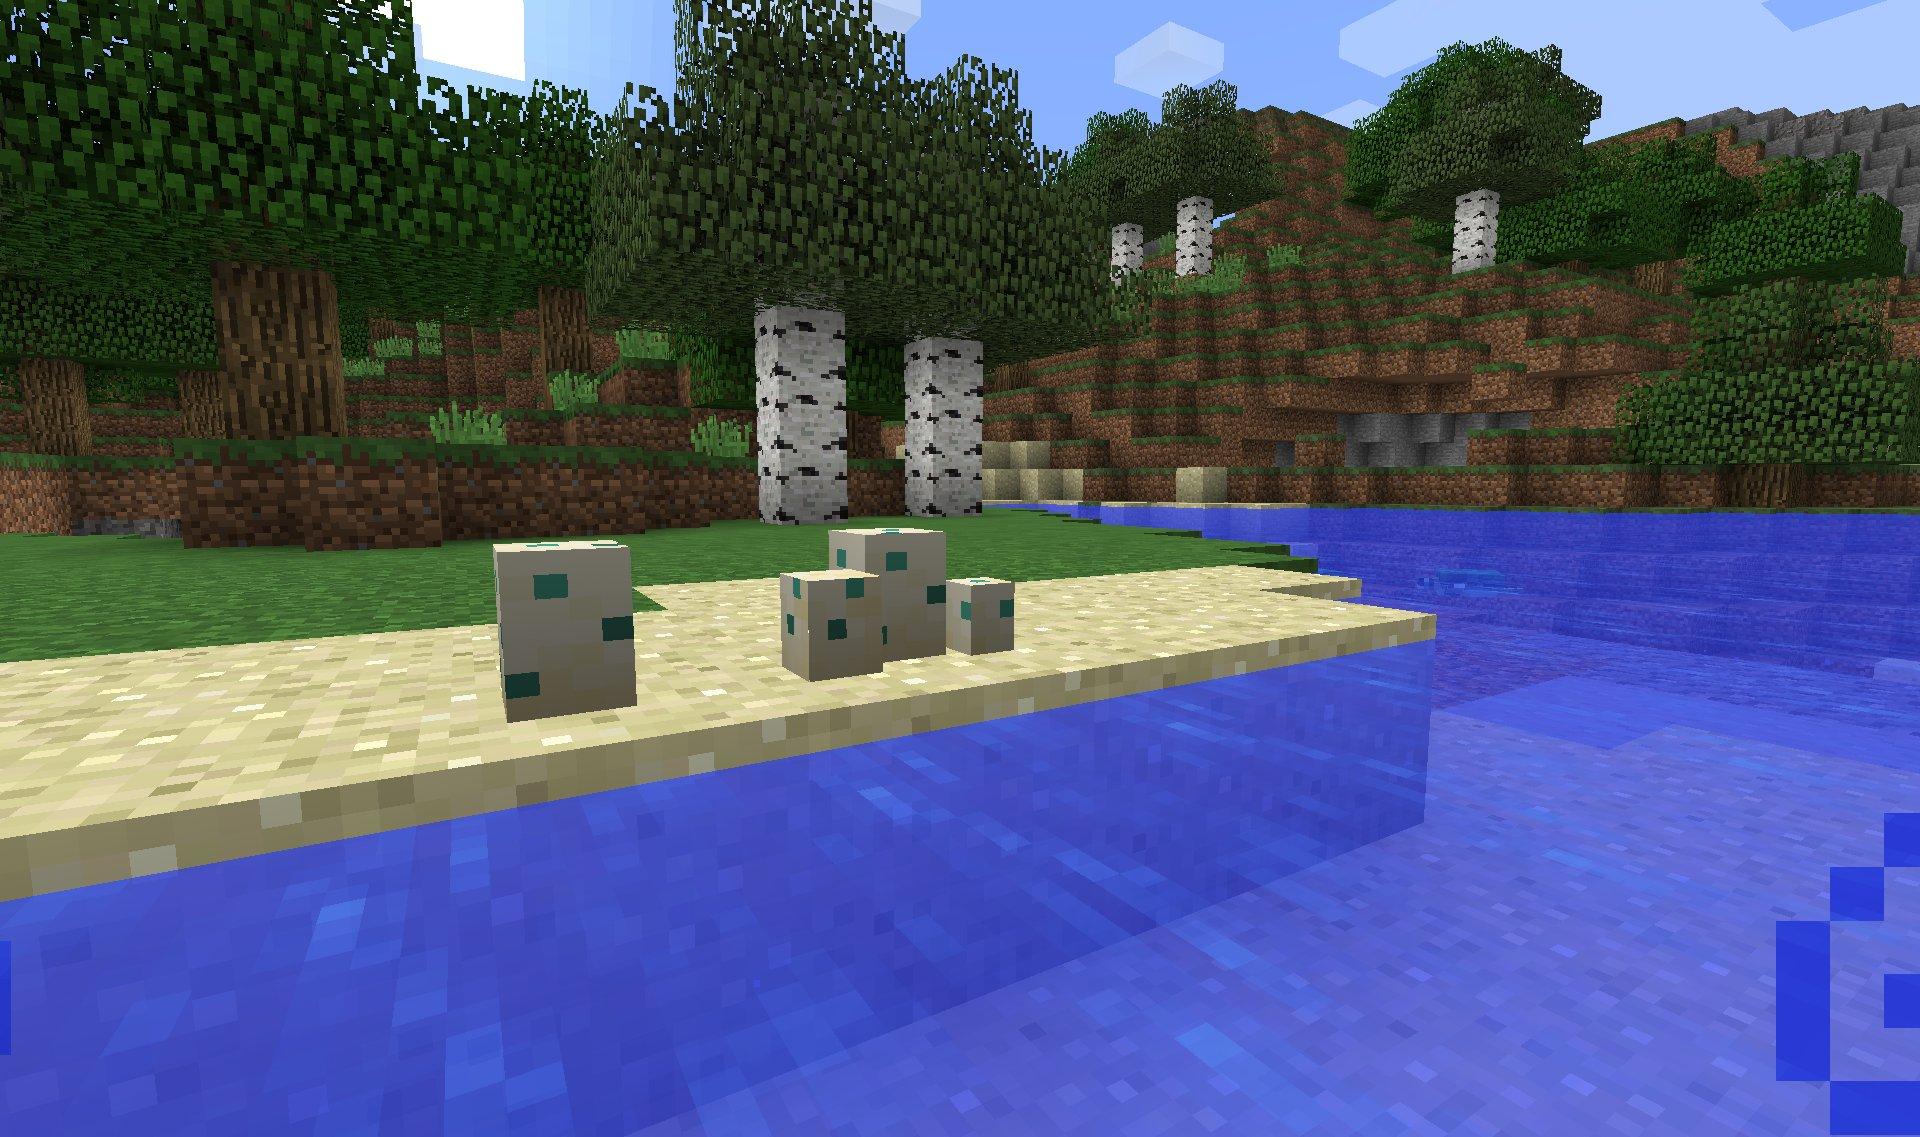 Baby cow minecraft wiki